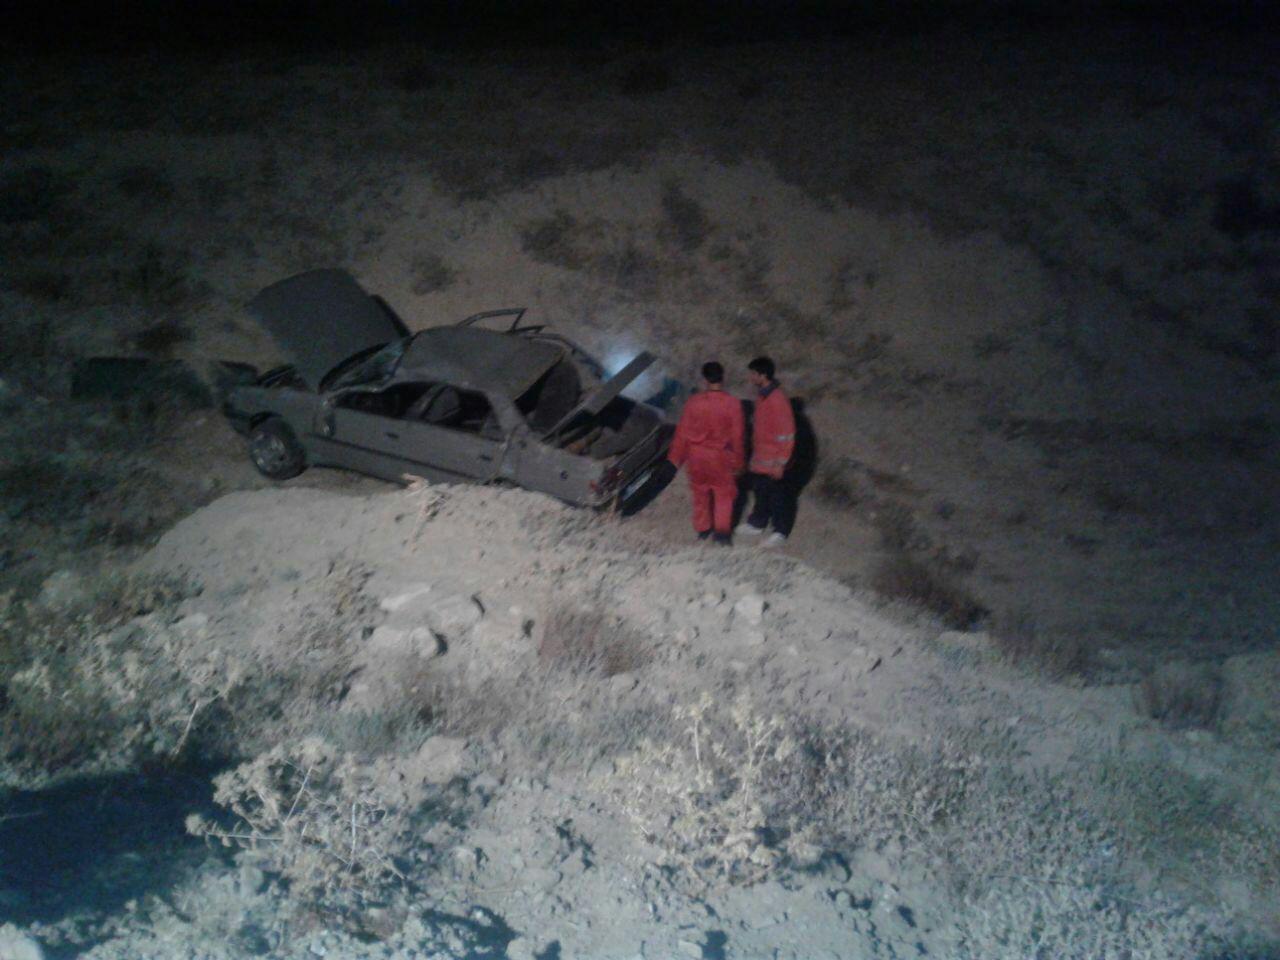 سقوط خودروی پژو آردی به دره